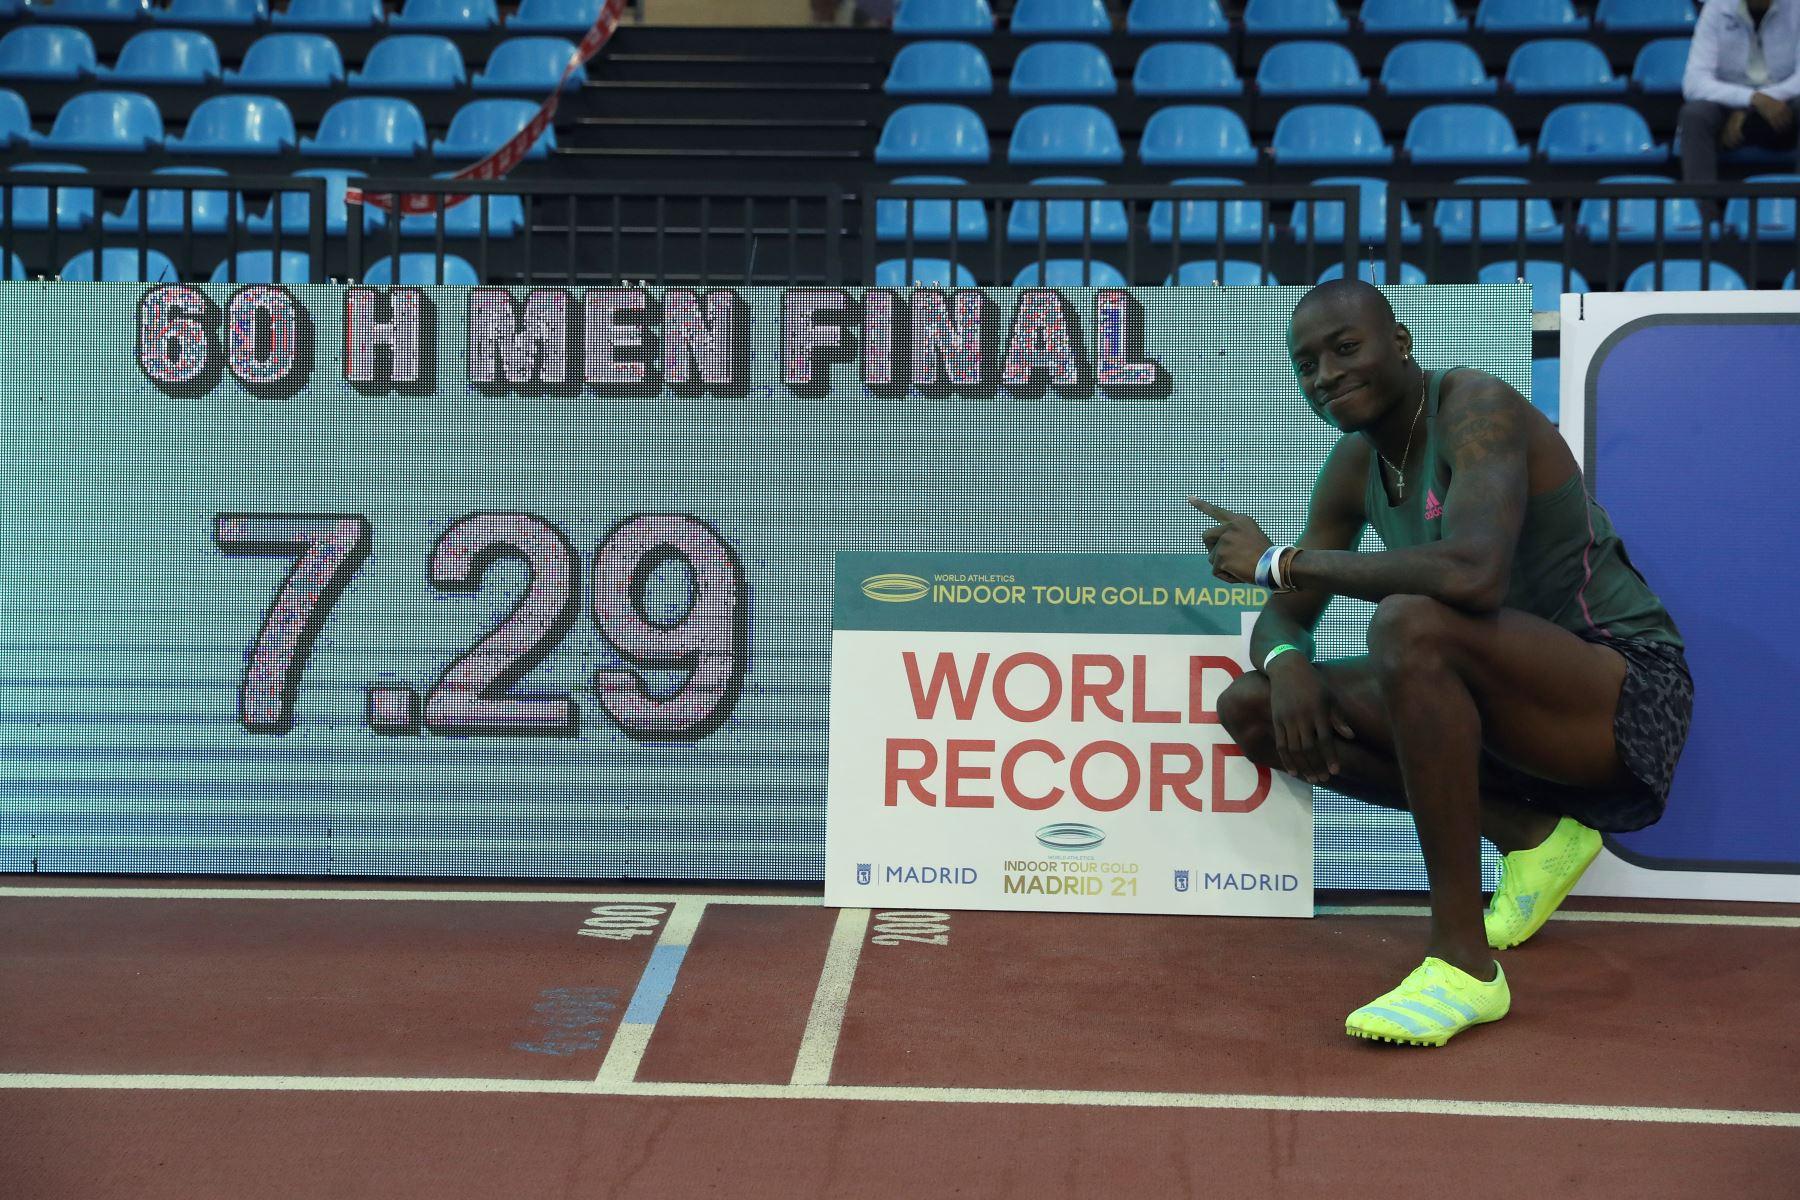 El atleta estadounidense Grant Holloway posa tras haber batido el record de los 60 metros vallas logrado en la Reunión Internacional de Atletismo Villa de Madrid 2021. Foto: EFE